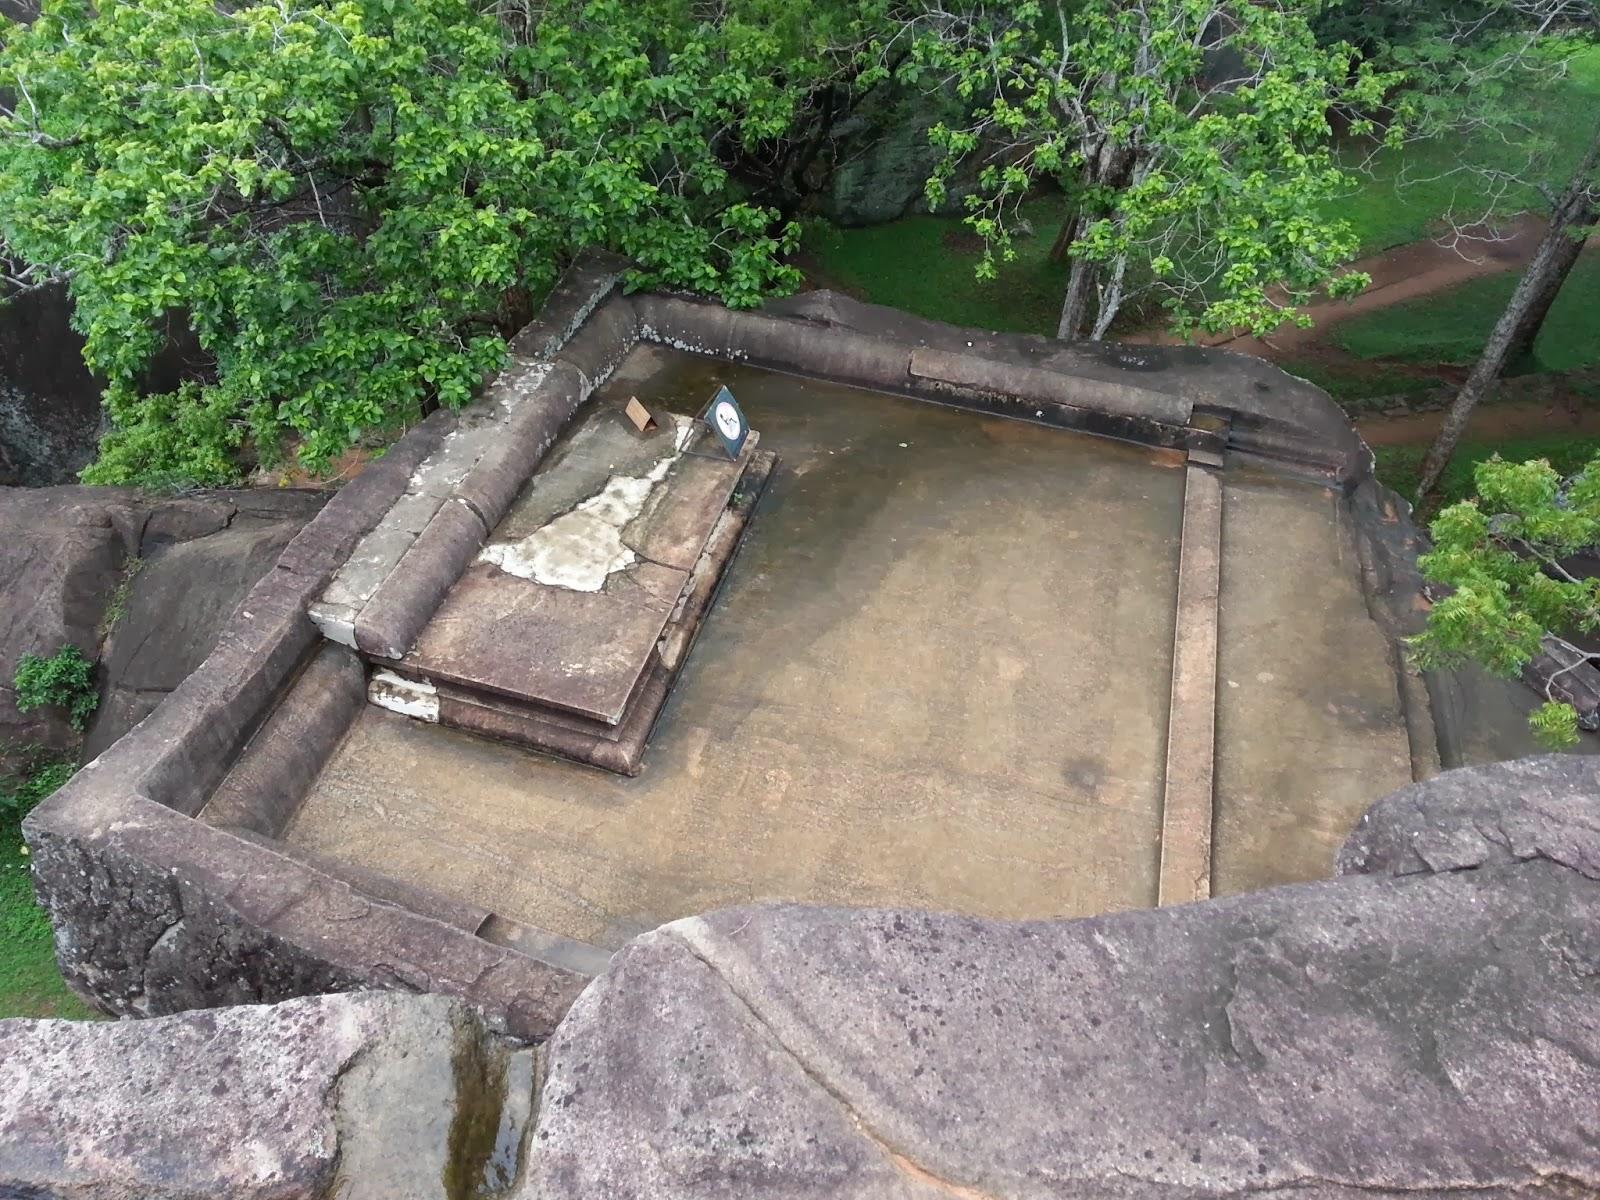 Сигирия тронный зал для приемов, трон и ровная площадка в гранитной скале